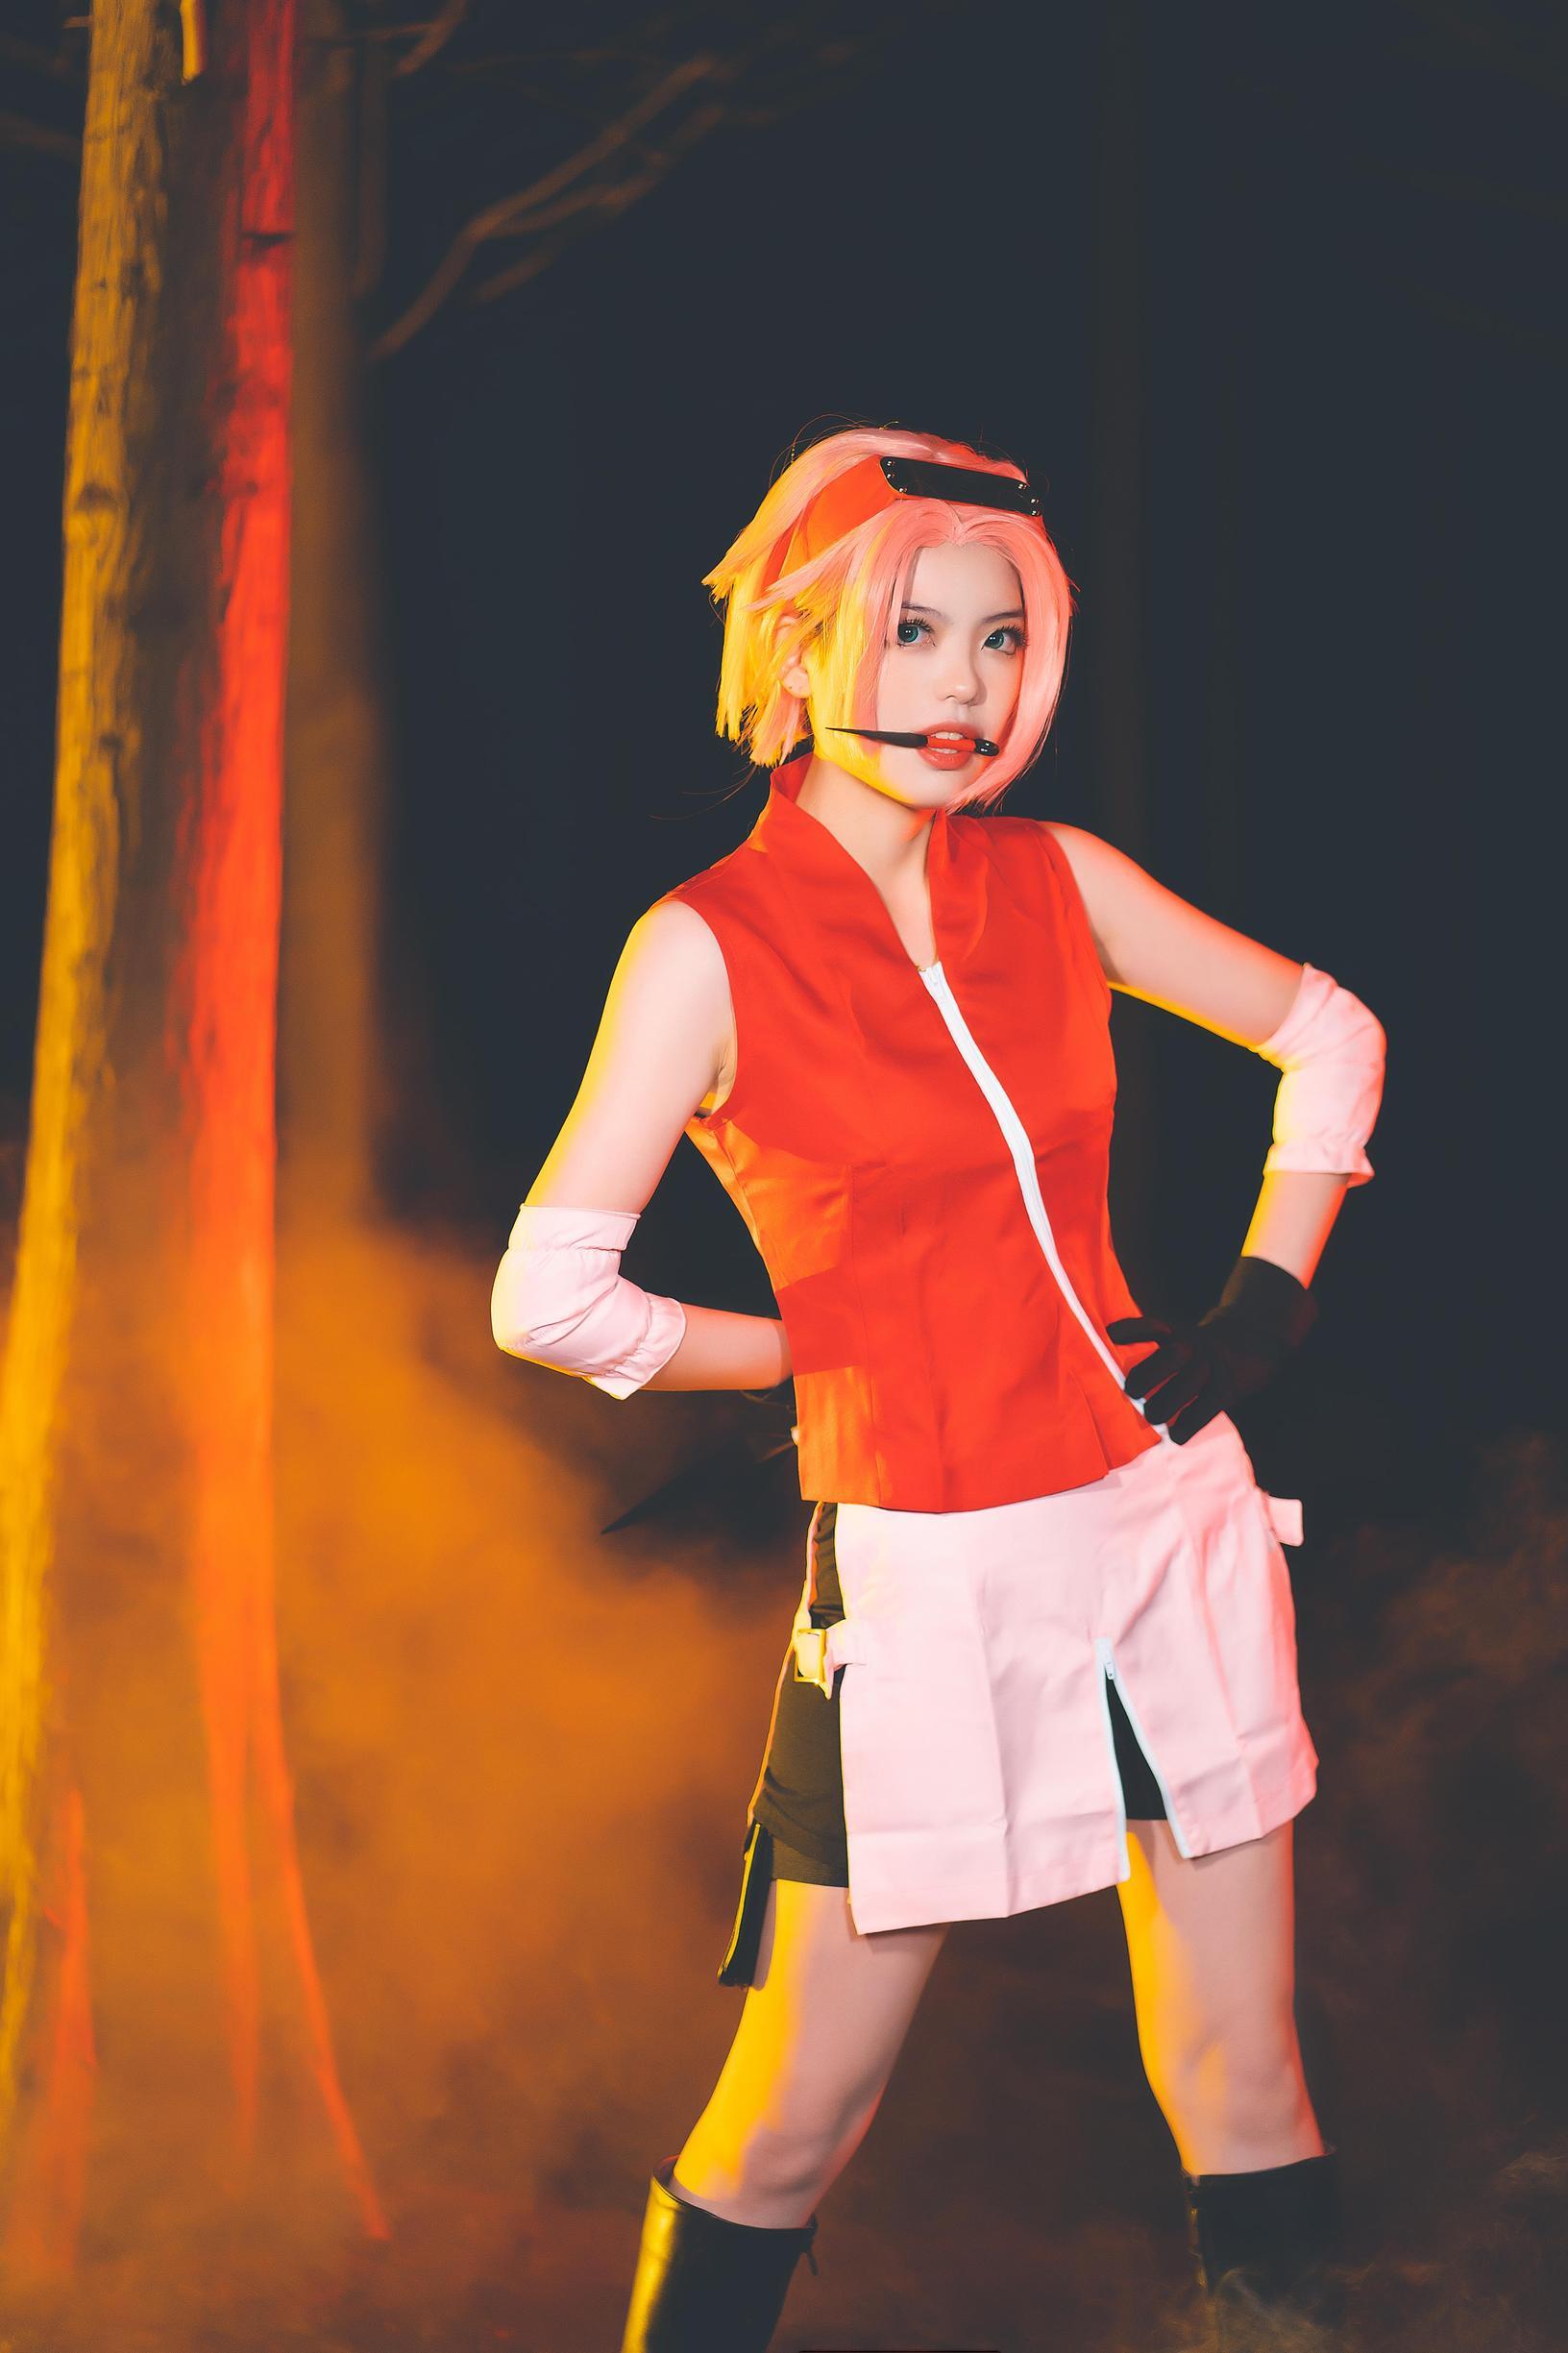 《火影忍者》正片cosplay【CN:北殿北】-第5张